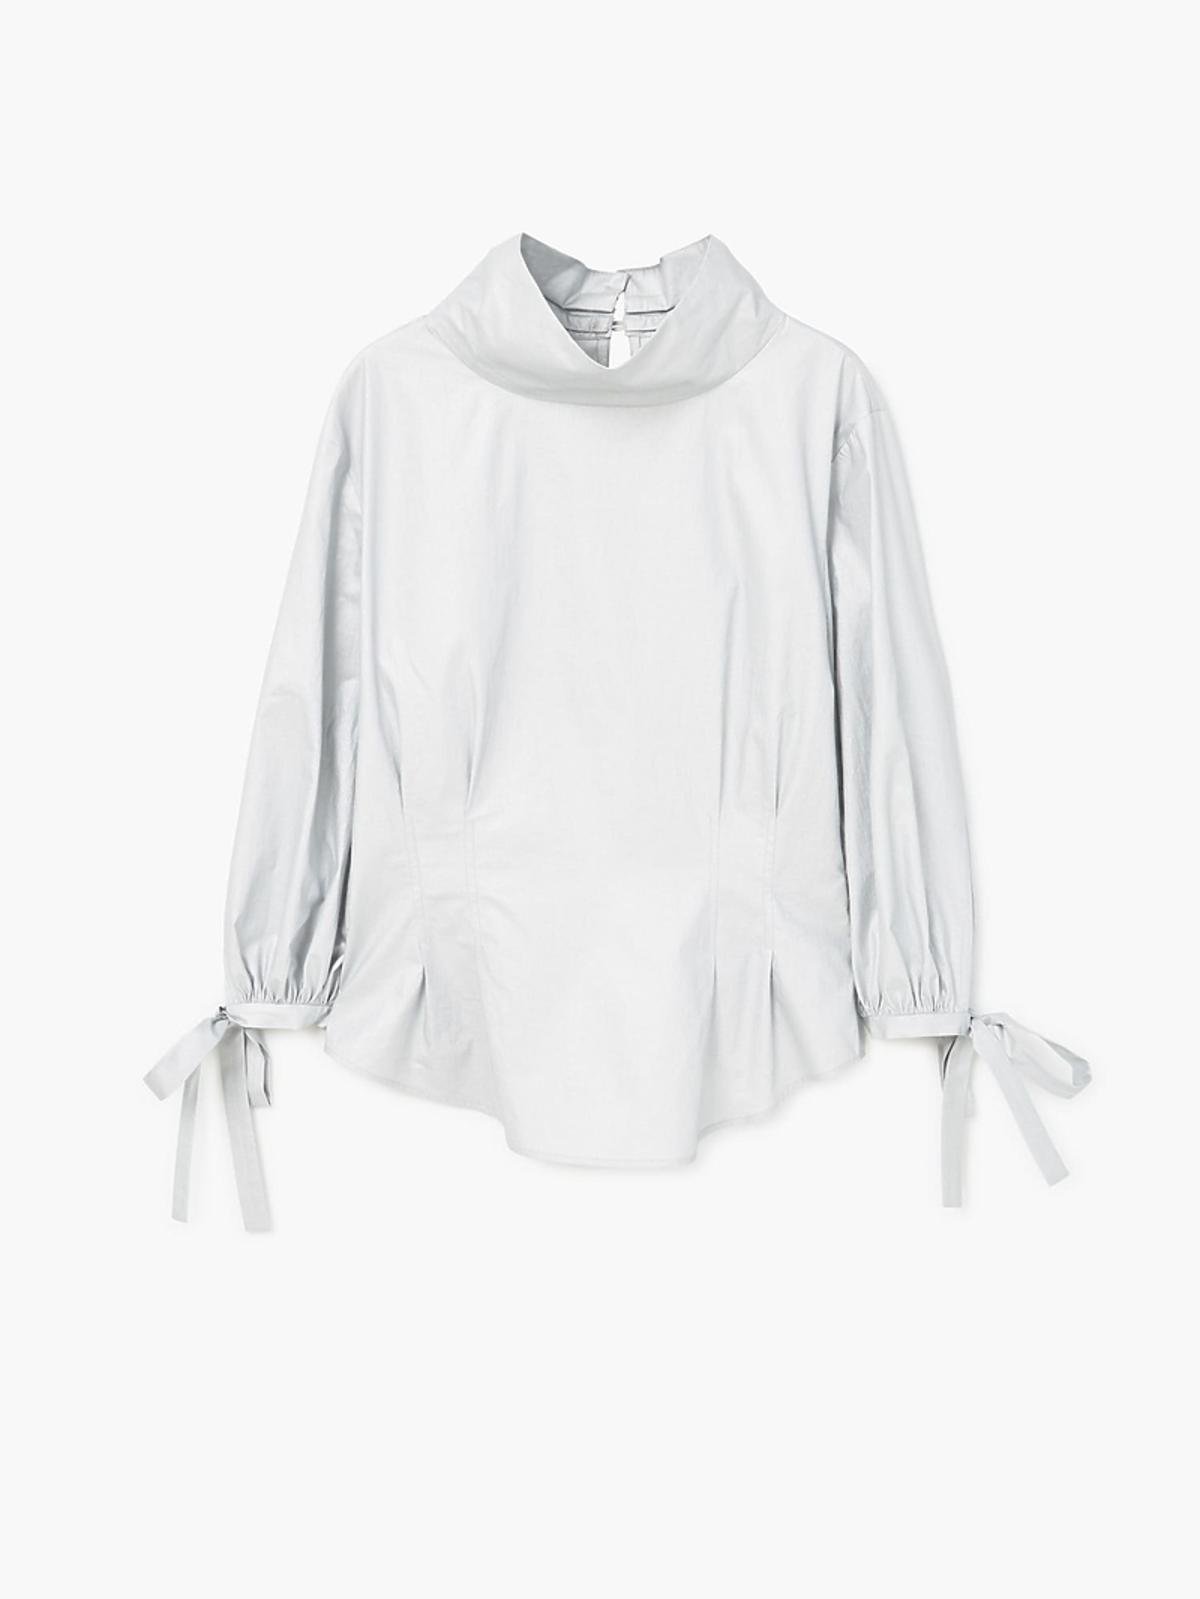 Koszula oversize z wiązaniami przy rękawach Mango, 229 zł